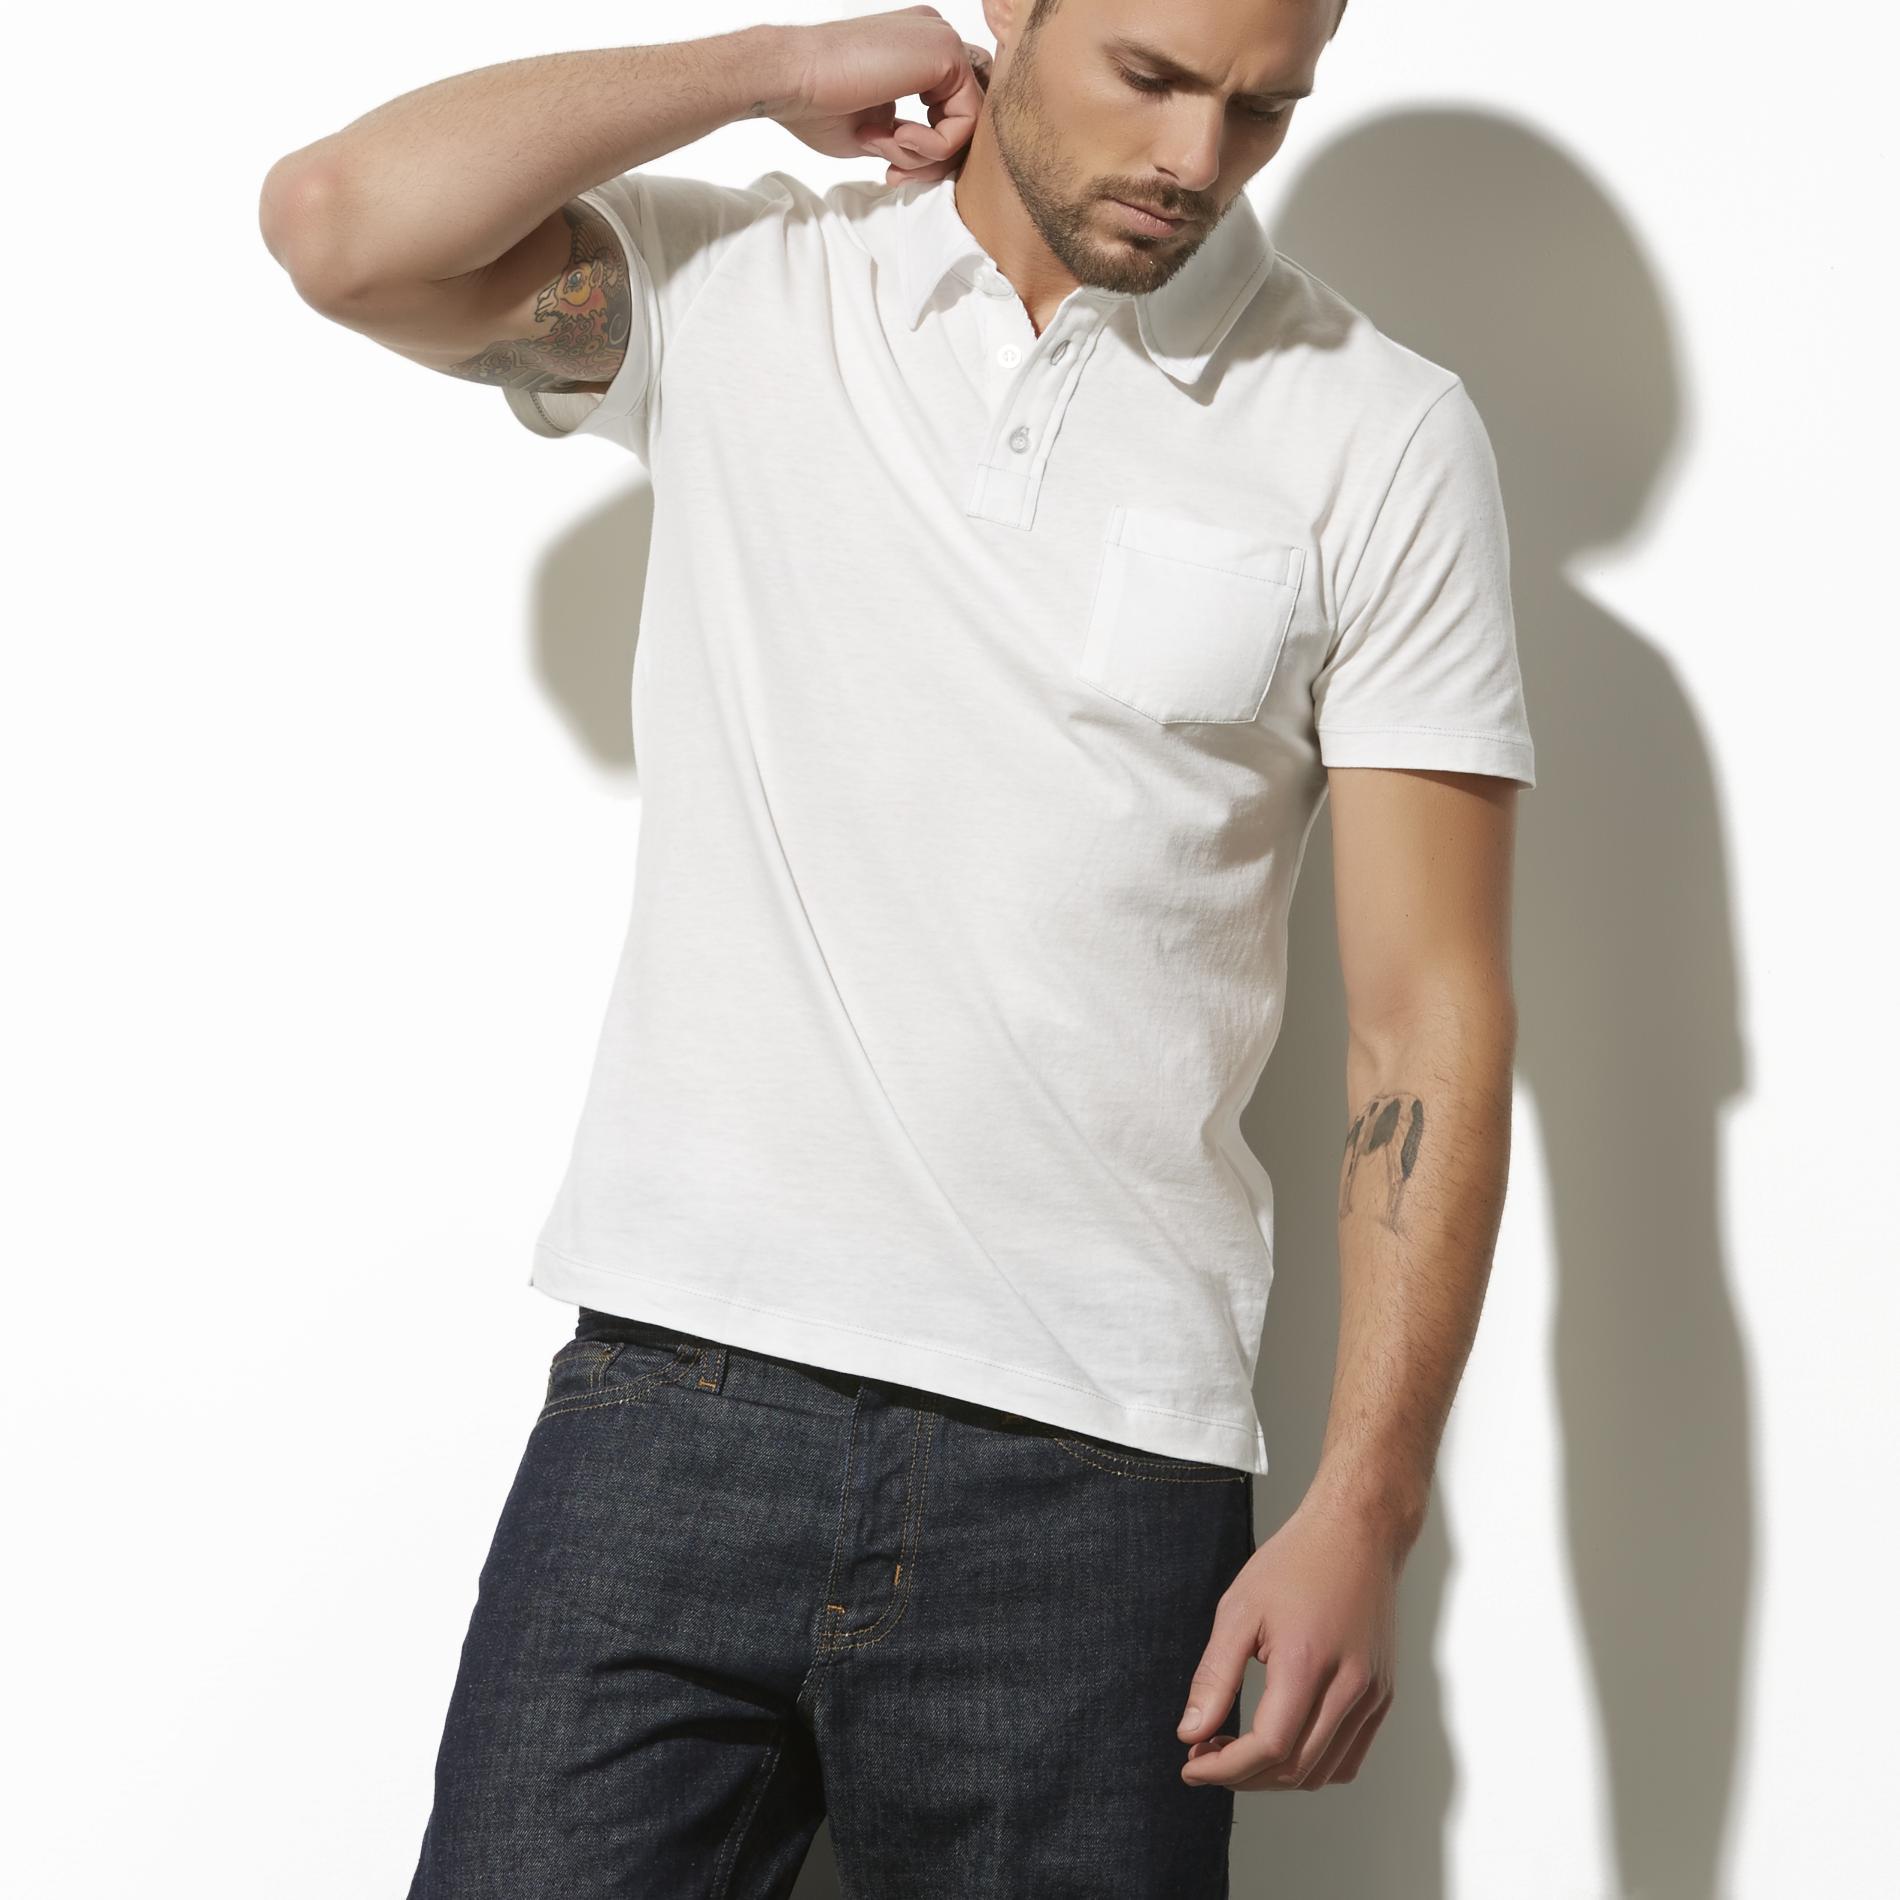 Adam Levine Men's Pocket Polo Shirt at Kmart.com